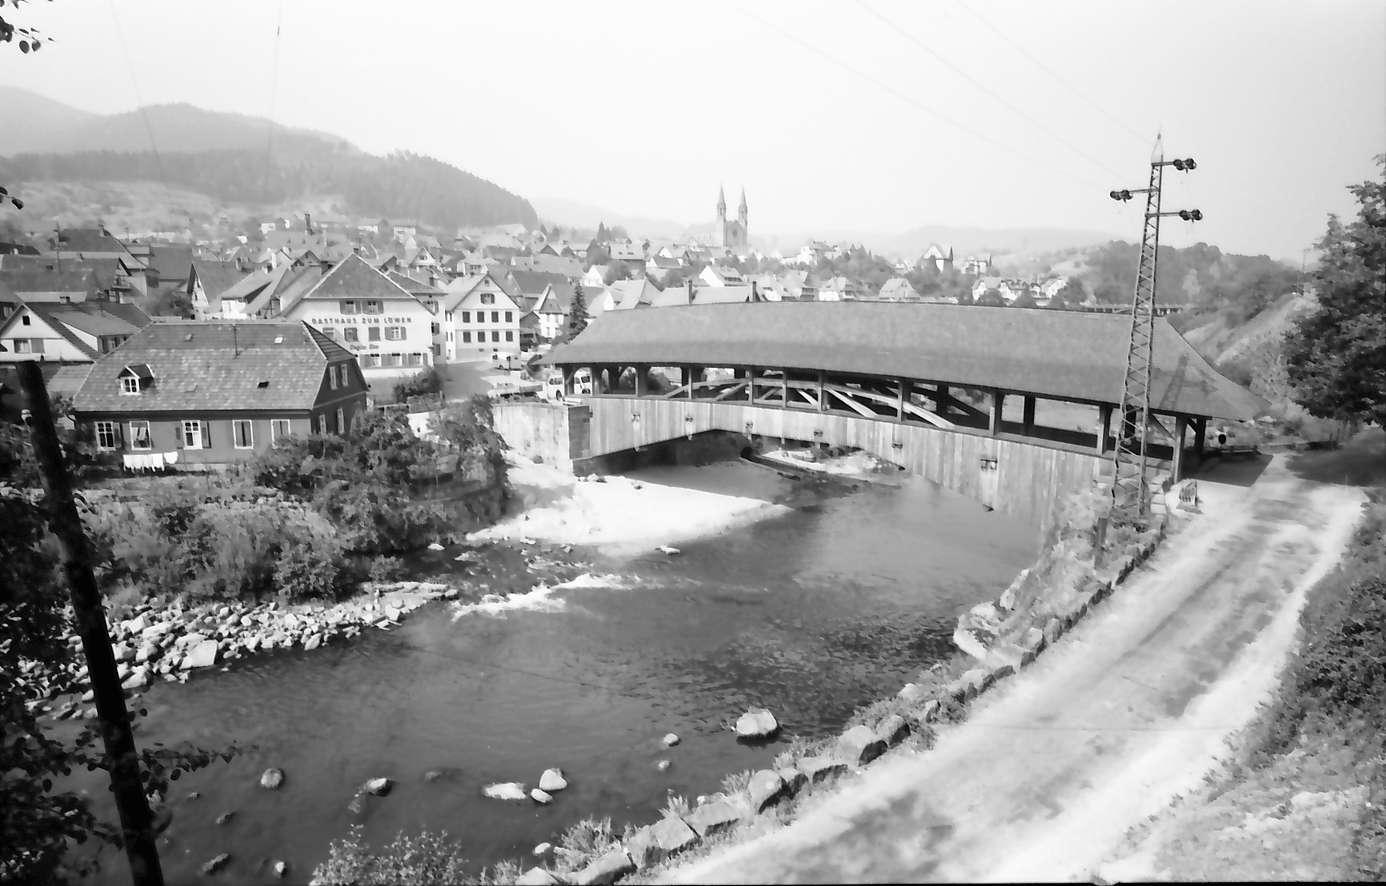 Forbach: Gesamtansicht des Ortes mit alter Holzbrücke über die Murg, mit E-Masten, Bild 1